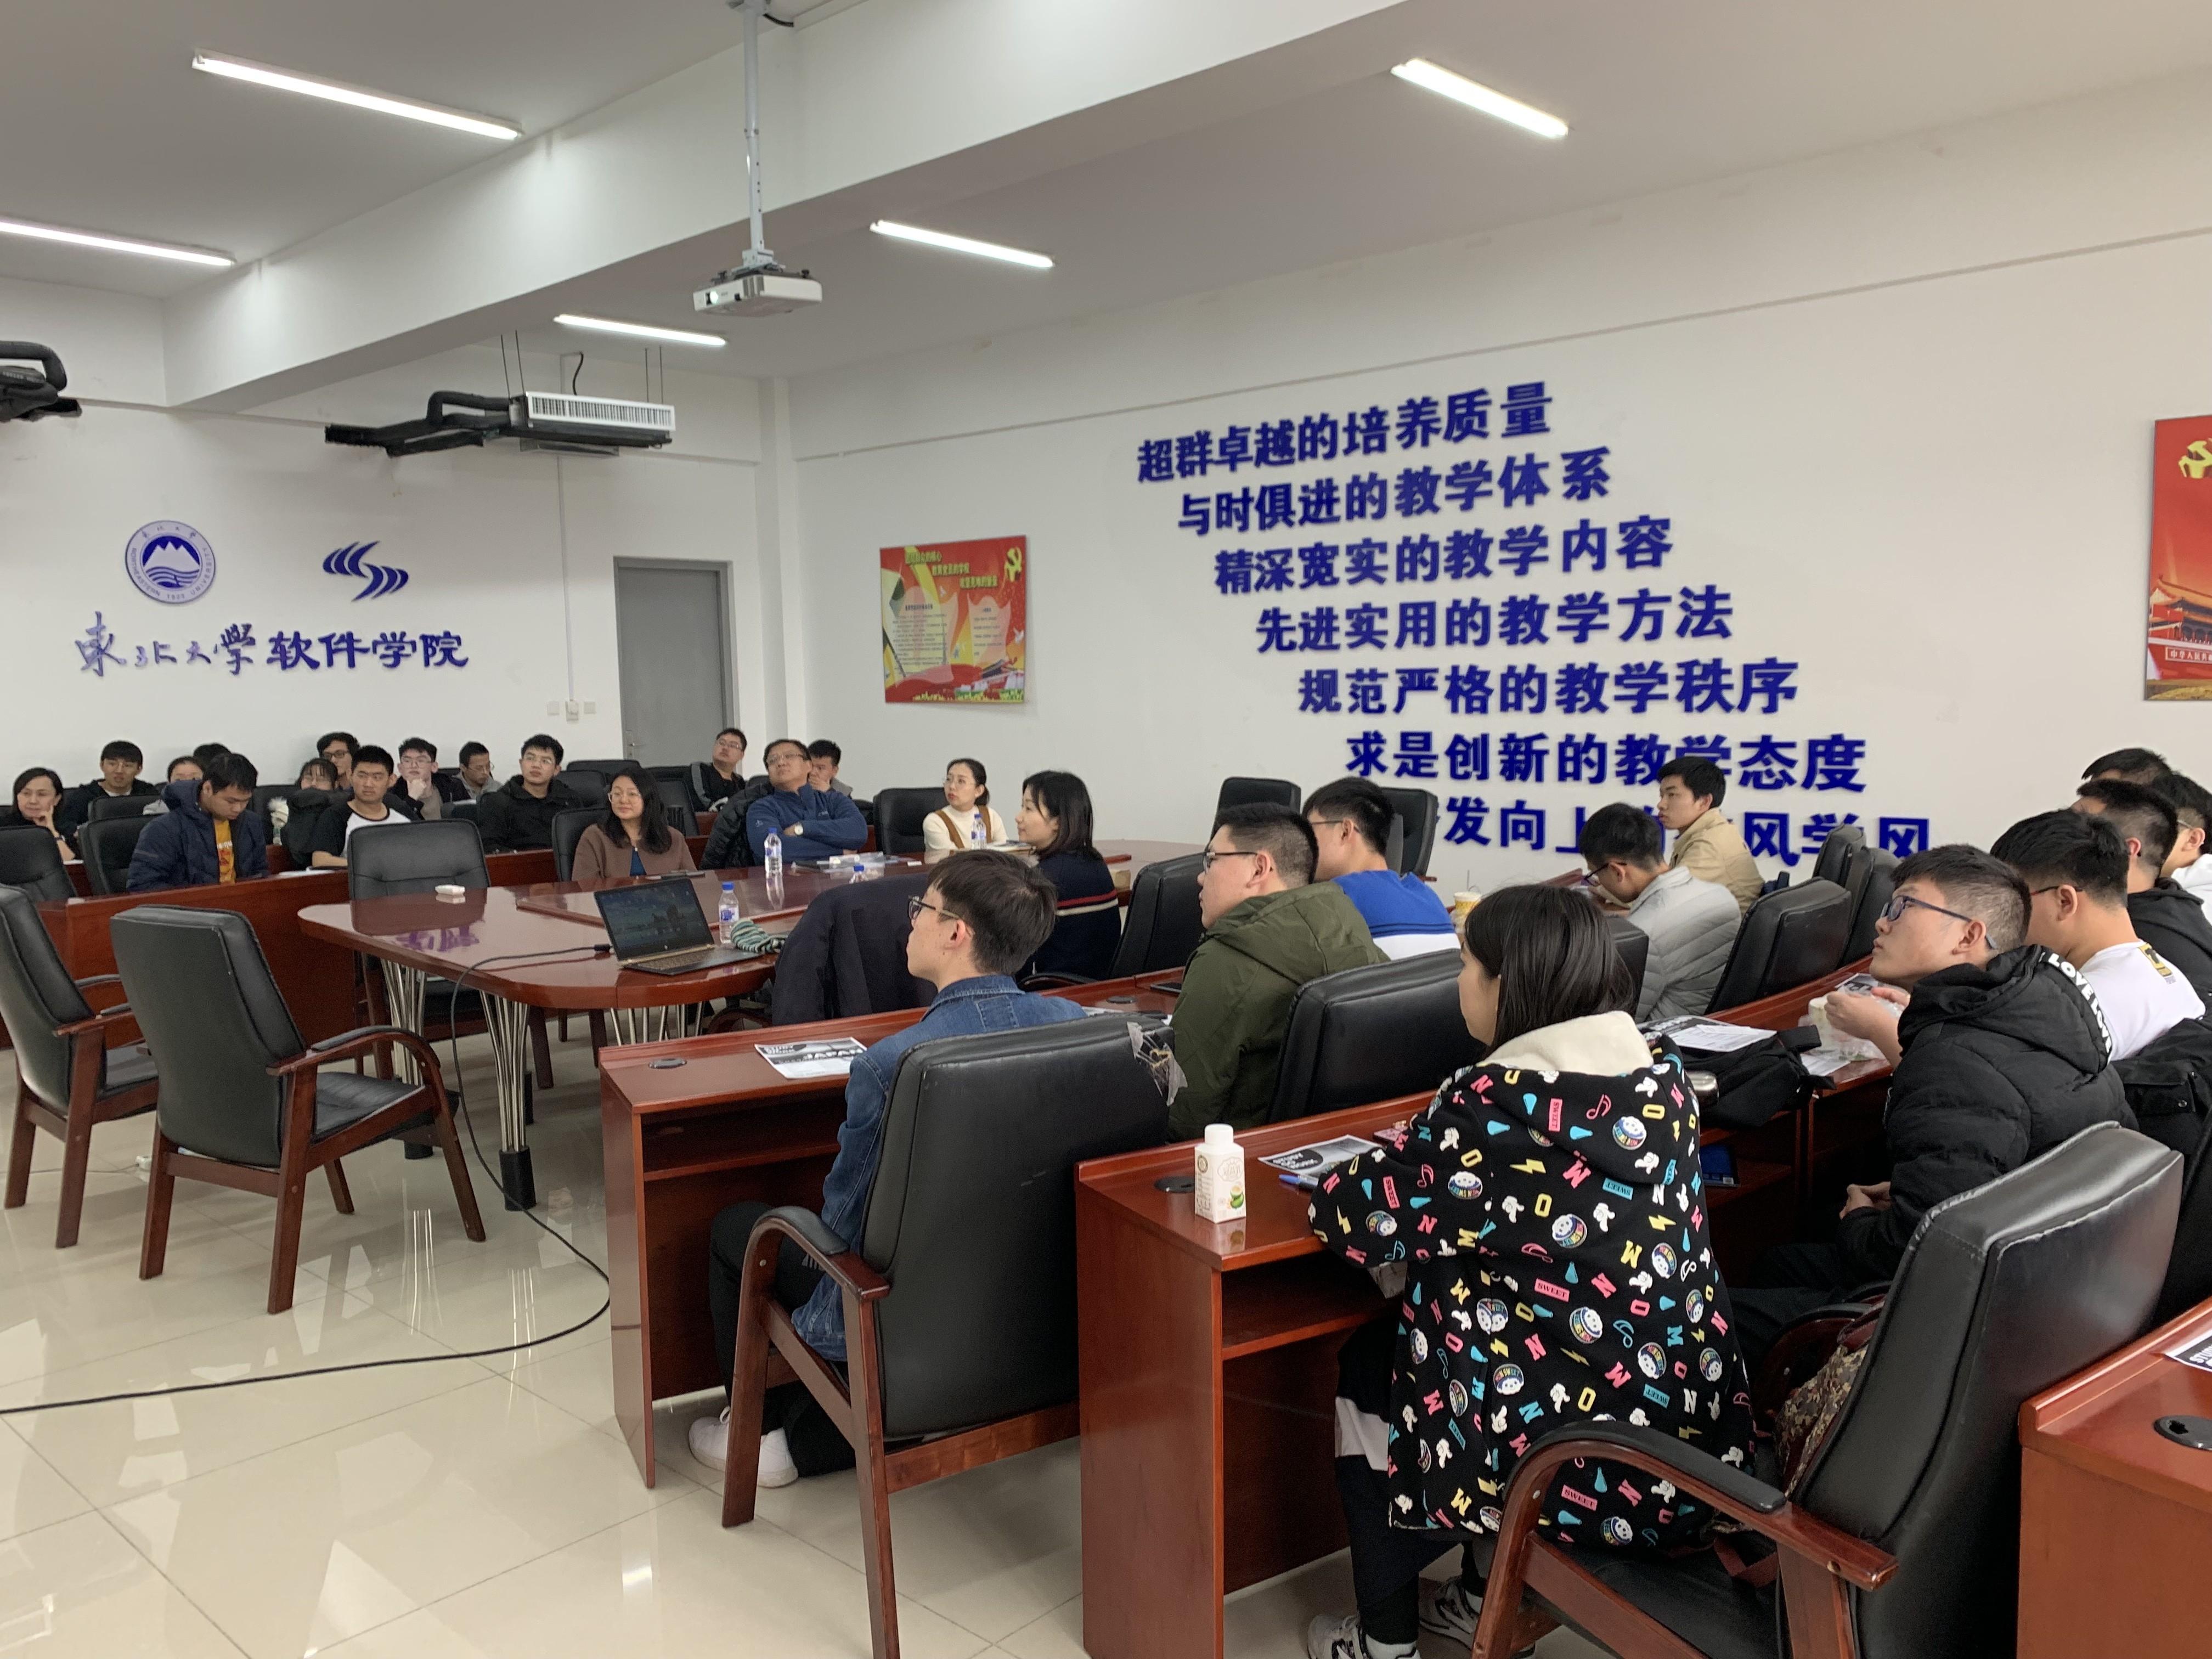 中国6大学を訪問!上海・北京の学生を採用するカギは「一律でない給与」